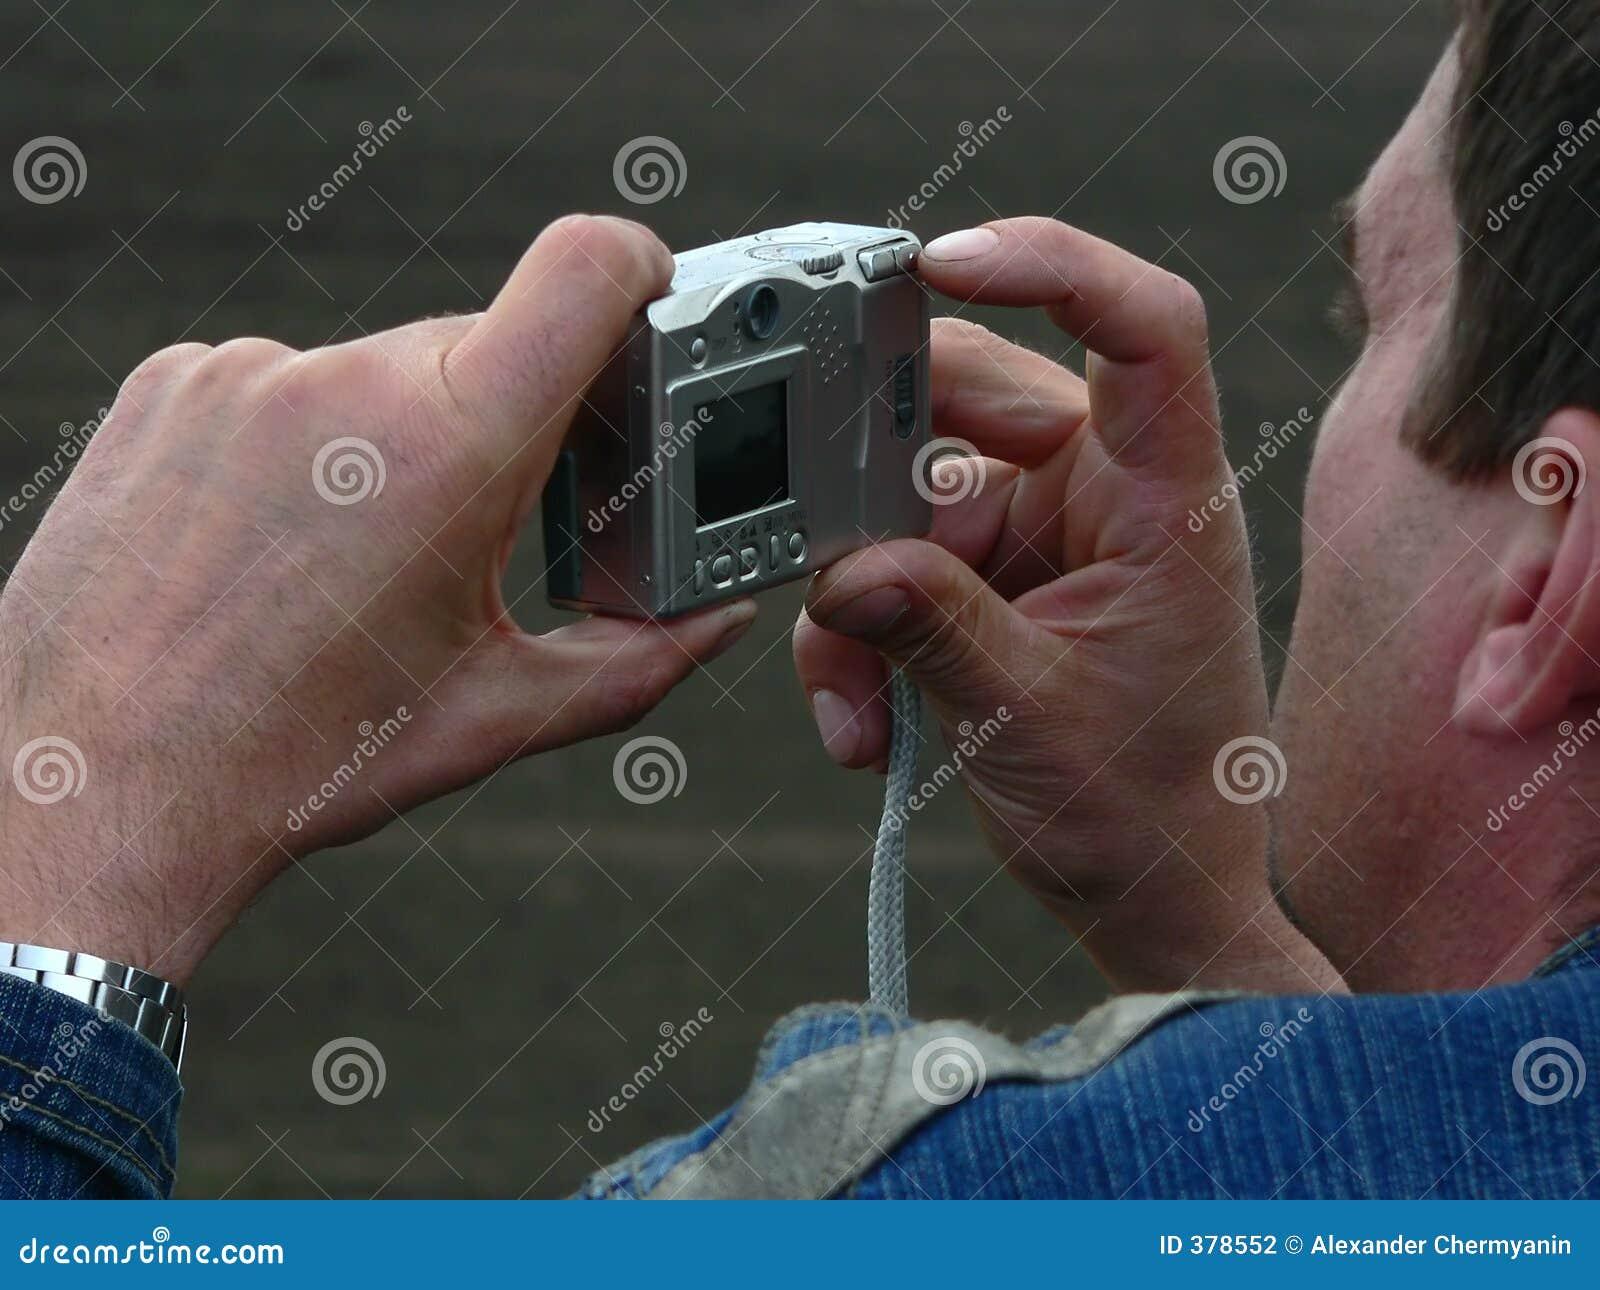 Photographe de Digitals